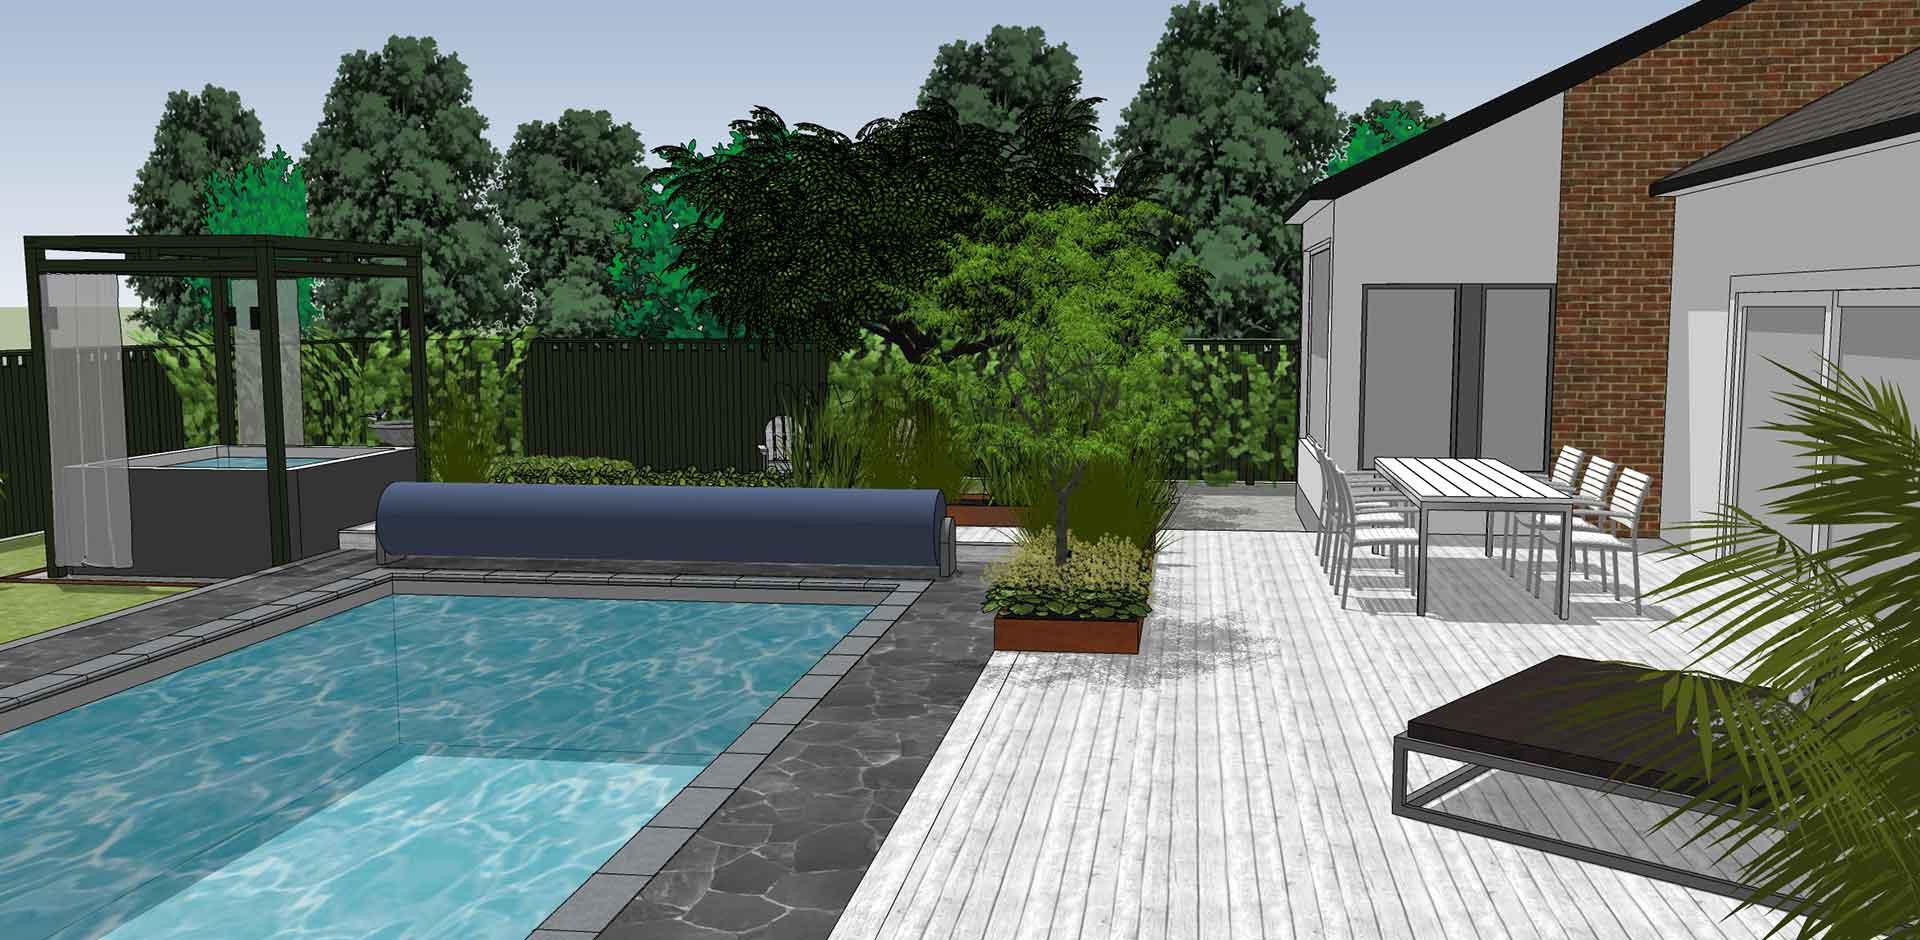 Wikipool, Skapa en oas, ritning över pool och trädäck, Pool store